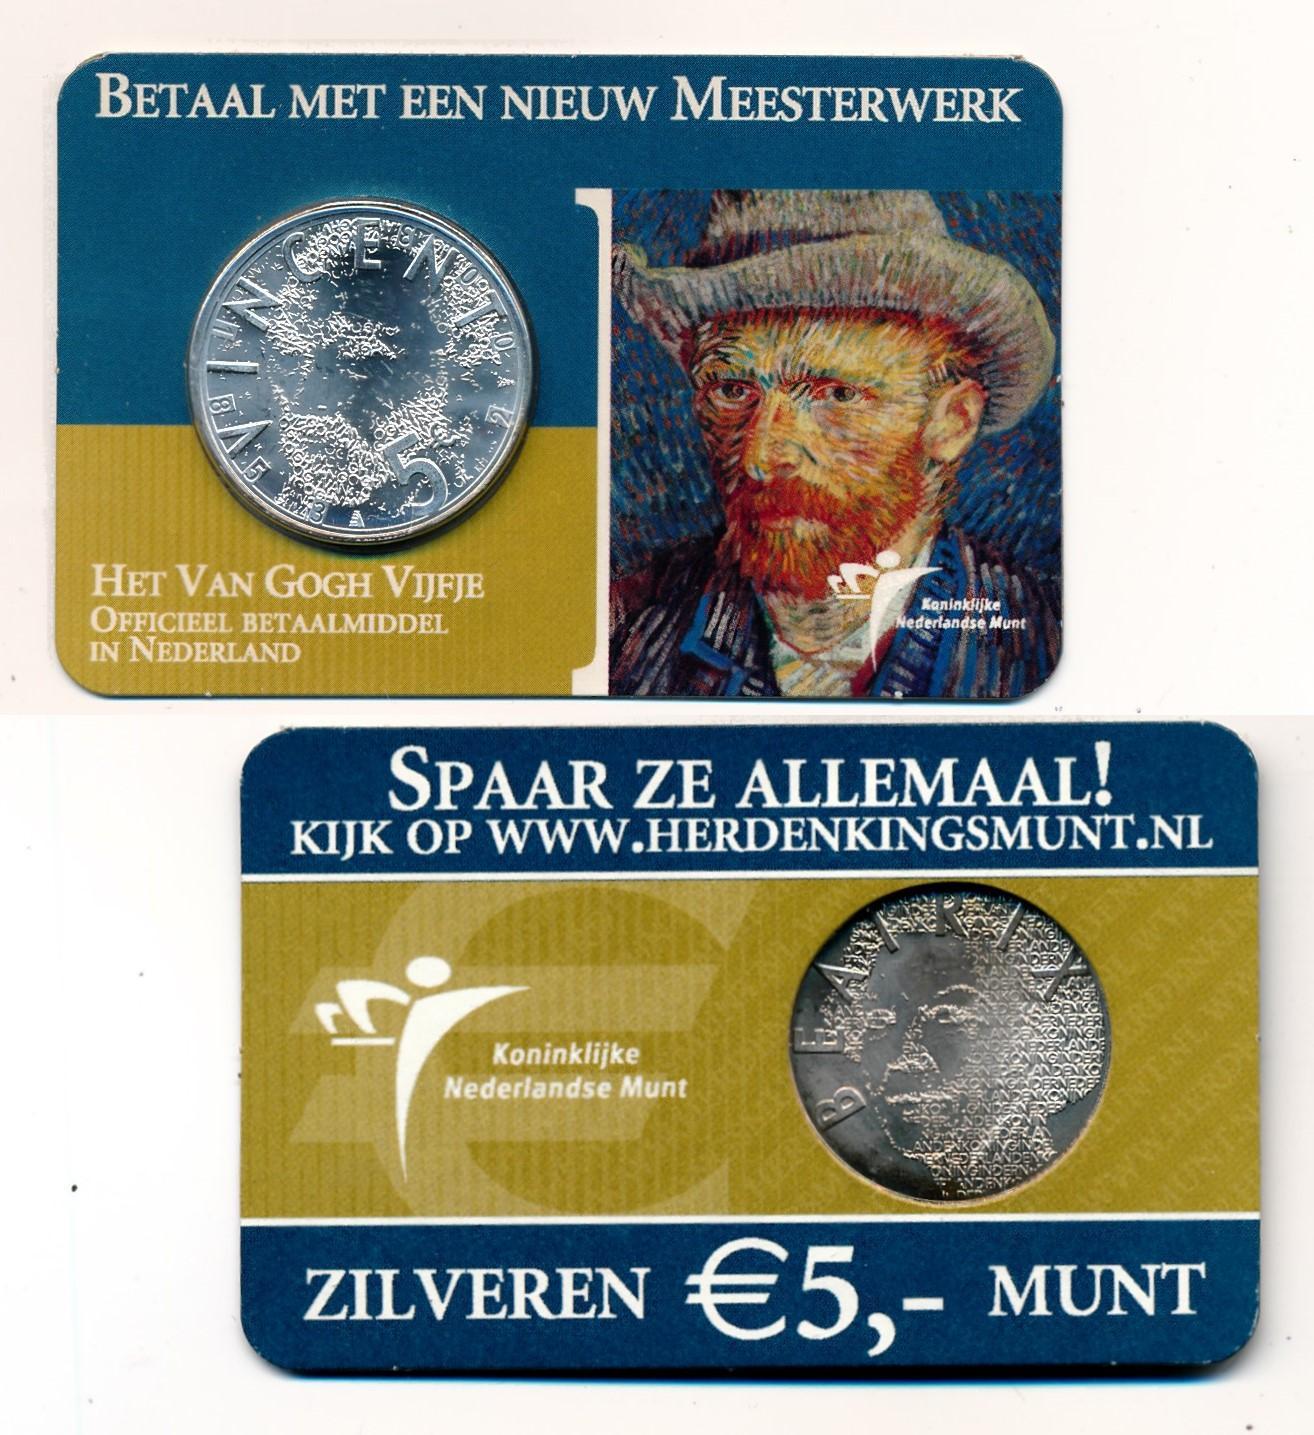 https://www.europost.nl/product-categorie/accessoires/munten-bankbiljetten/catalogi-munten-bankbiljetten/